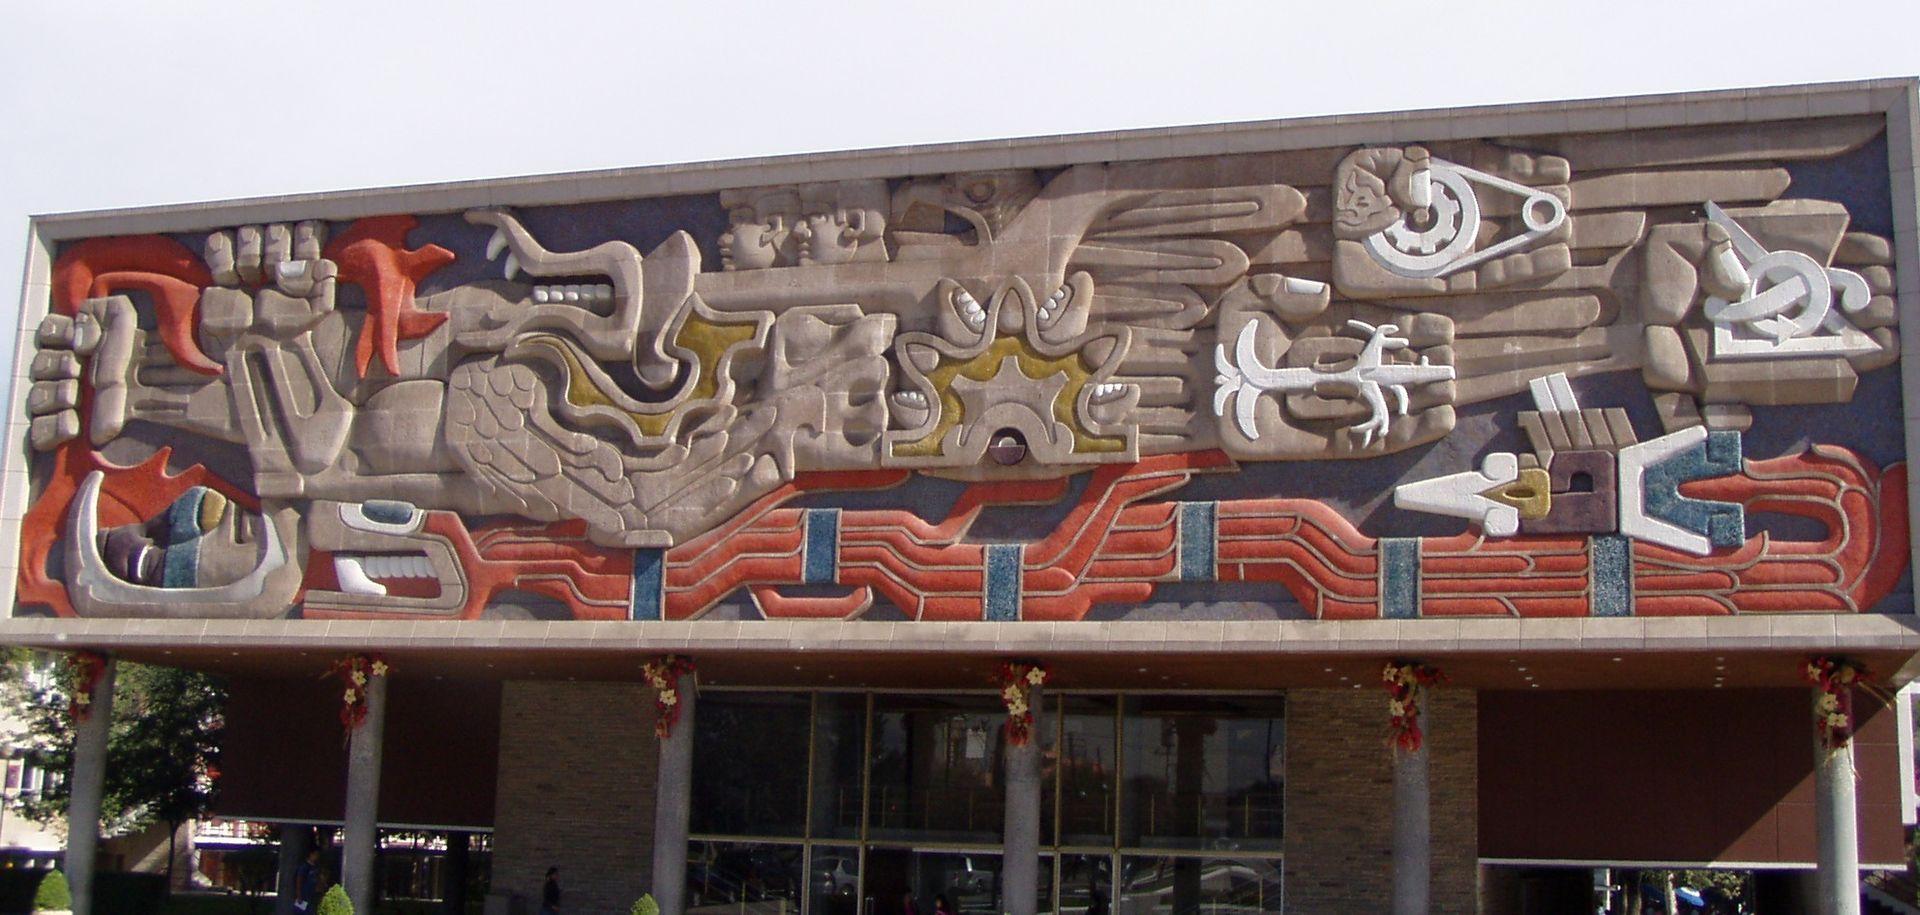 Biograf as de artistas pl sticos escultores y museos del for El mural guadalajara jalisco